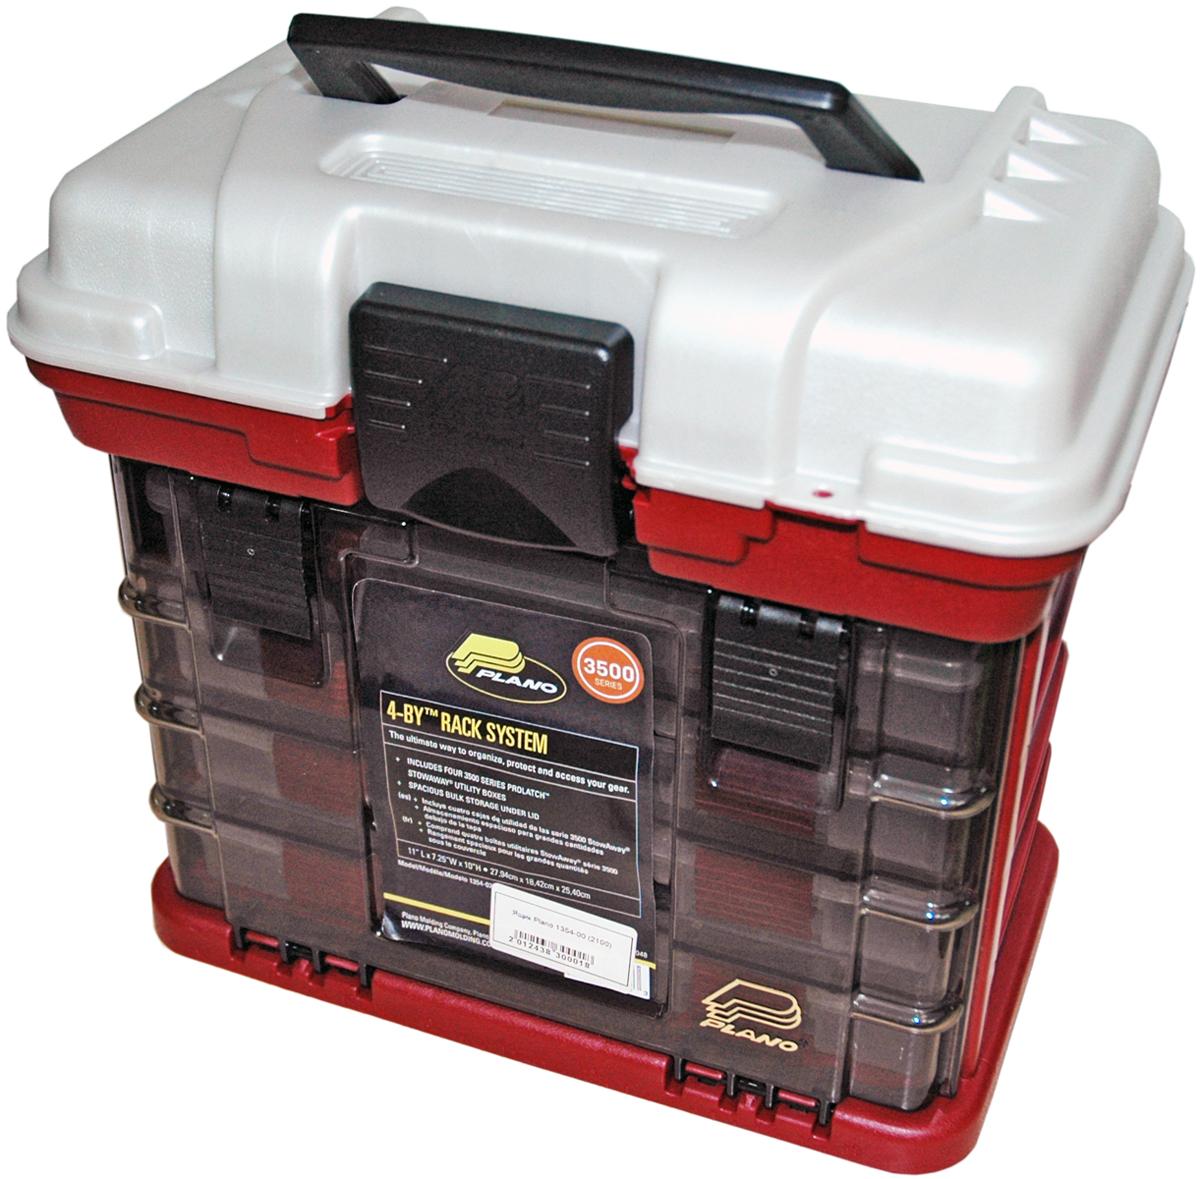 Ящик рыболовный Plano, с верхним отсеком для аксессуаров, цвет: красный металлик, серебристый